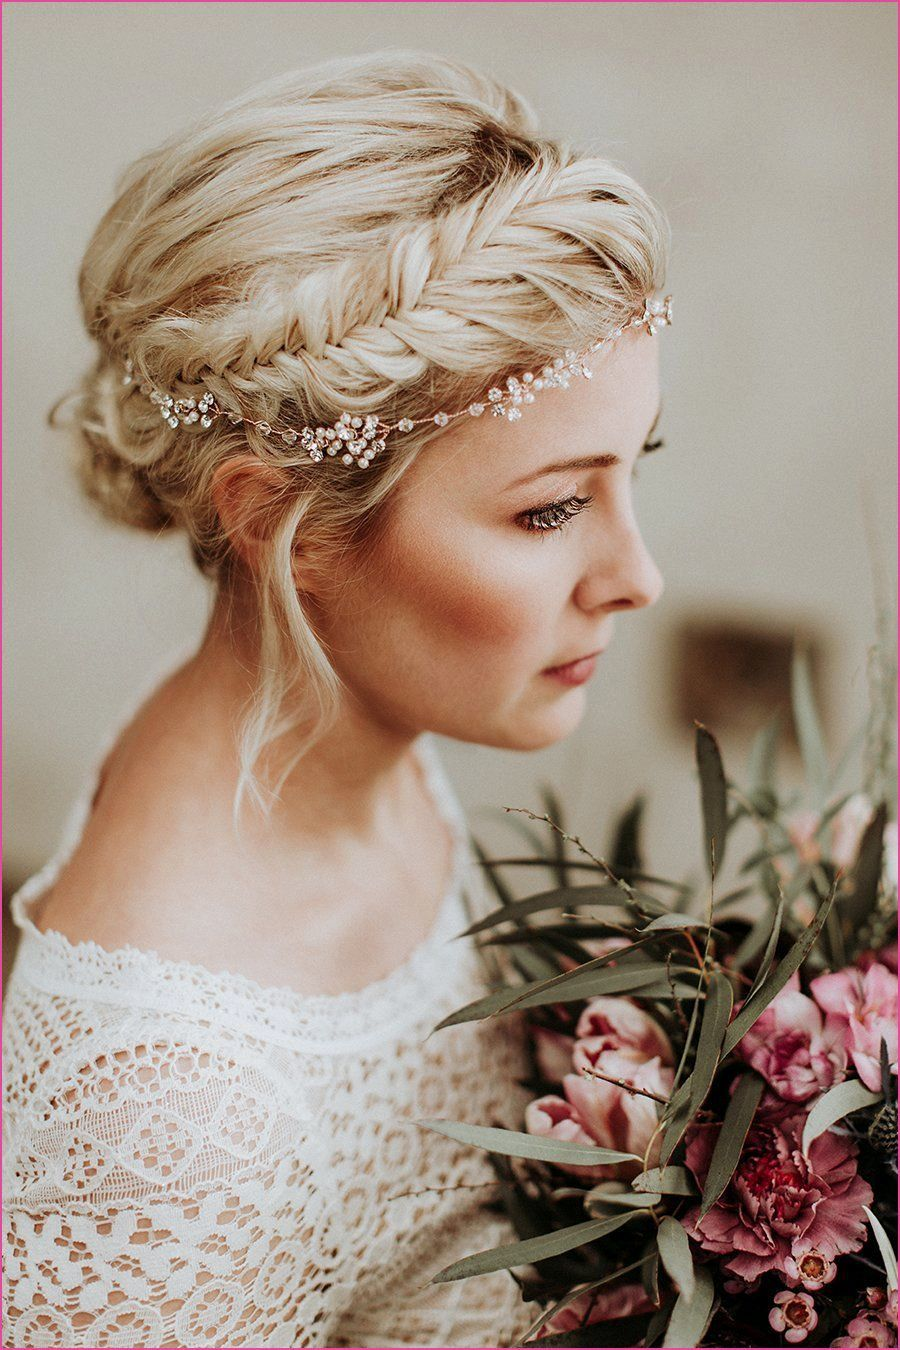 Hippi Frisuren Kurze Haare In 2020 Frisuren Hochzeit Kurzhaarfrisuren Braut Frisuren Mit Blumen Haarband